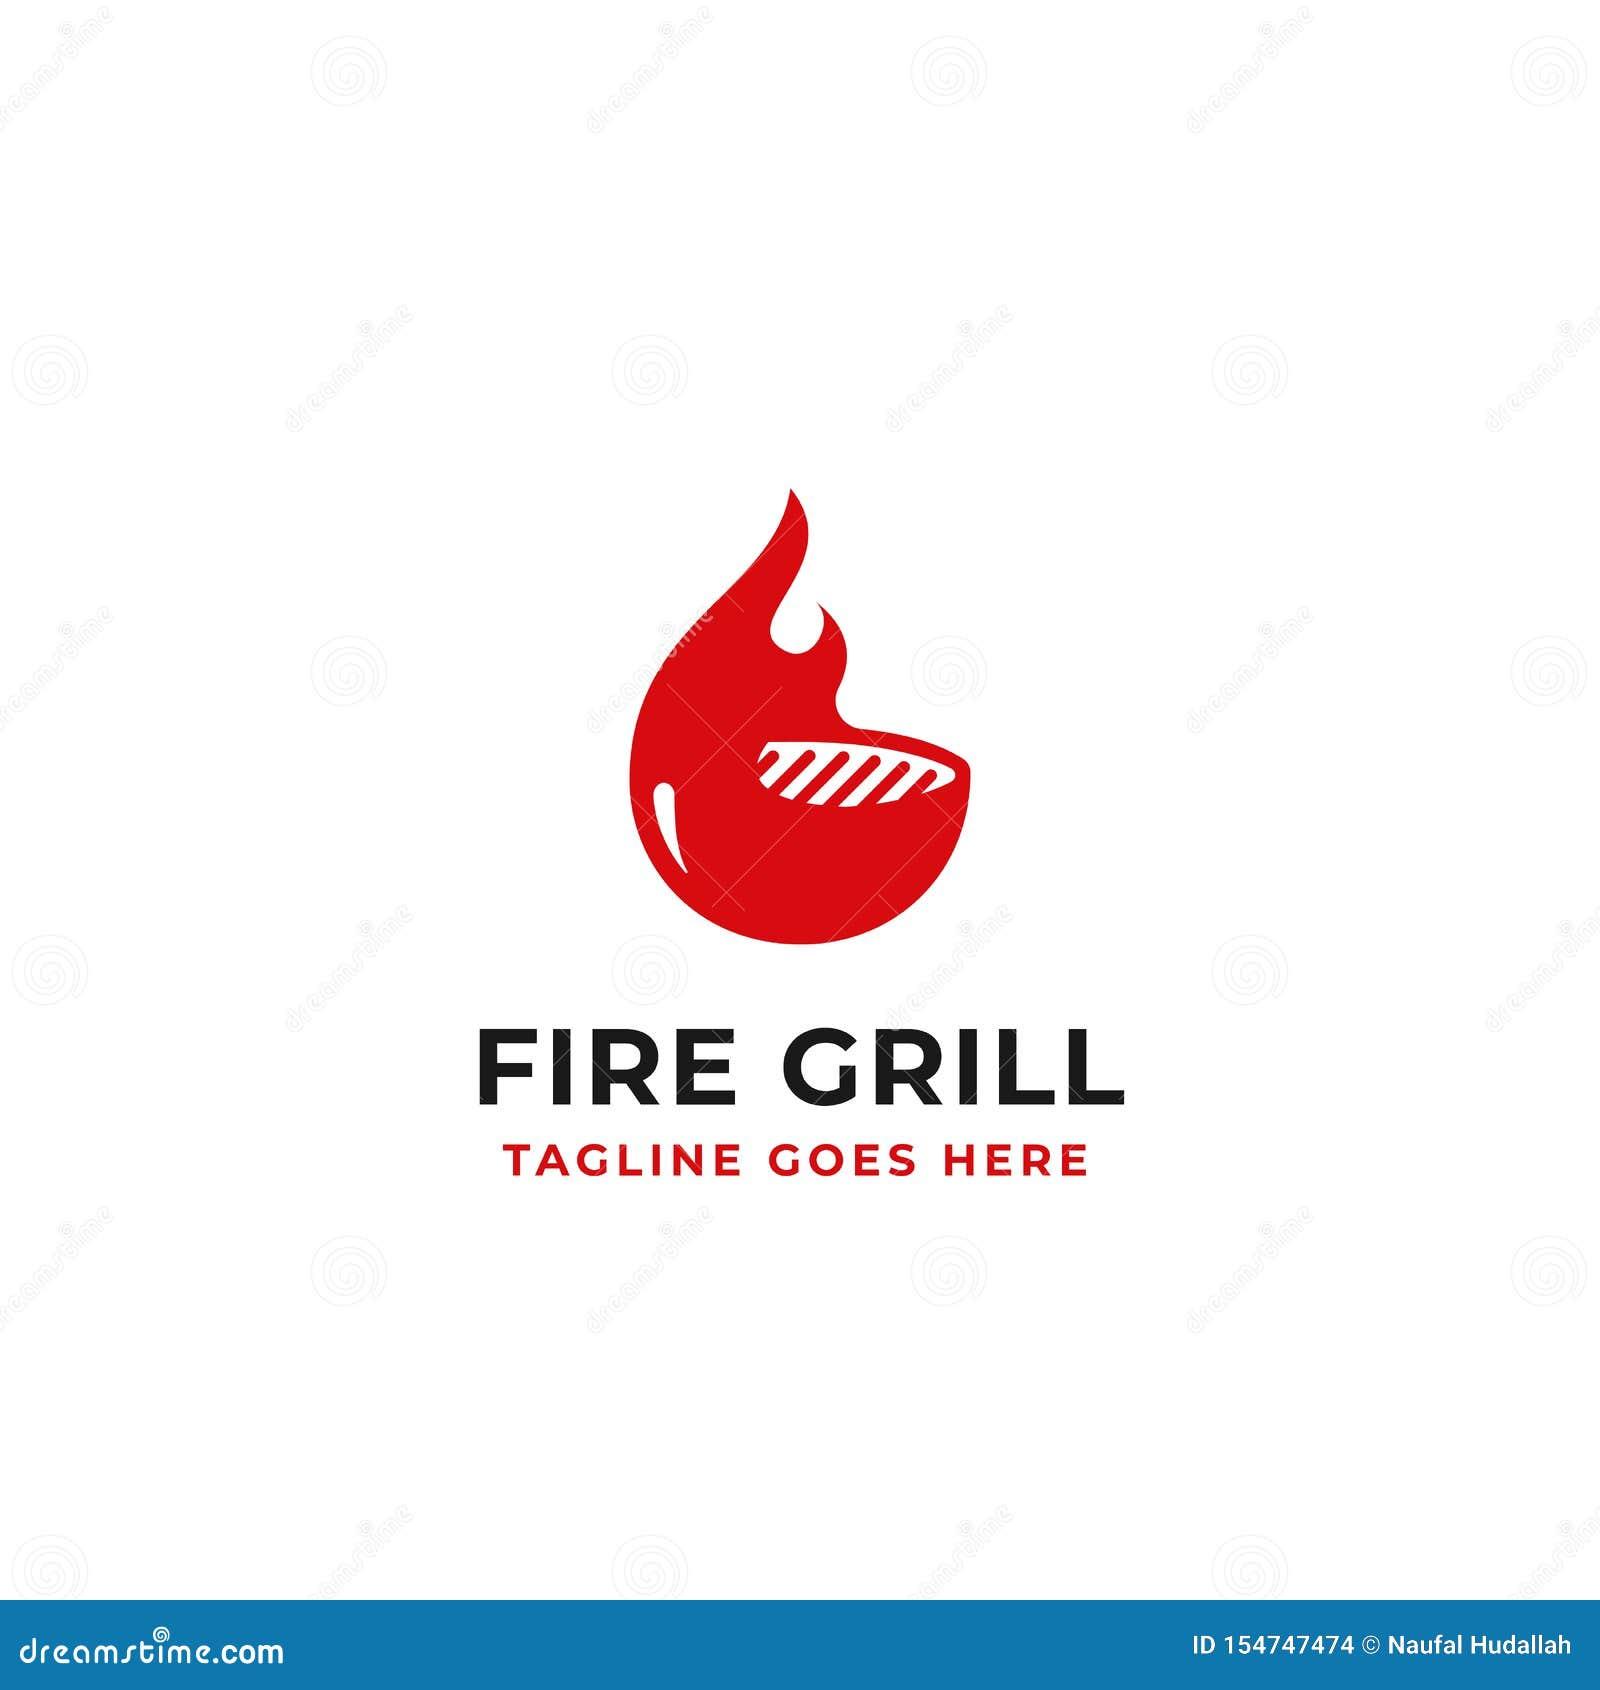 Projeto do logotipo da grade do fogo para a ilustração do vetor do conceito da identidade de marca do restaurante da carne